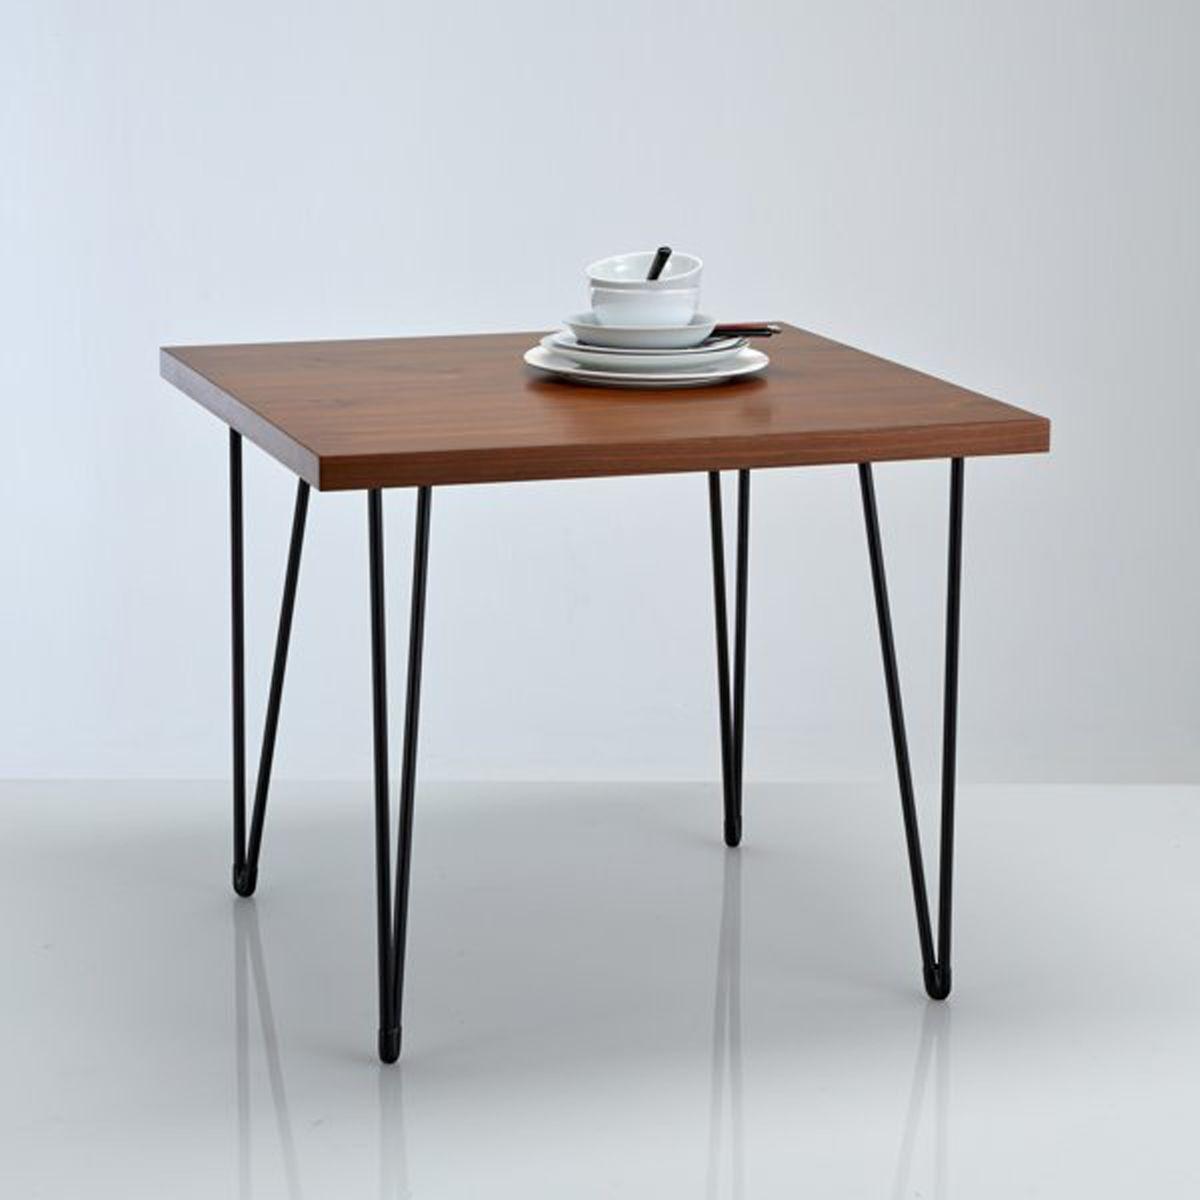 La Redoute Interieurs Table de repas carrée, esprit vintage, Watford 9c2e7708d6c9